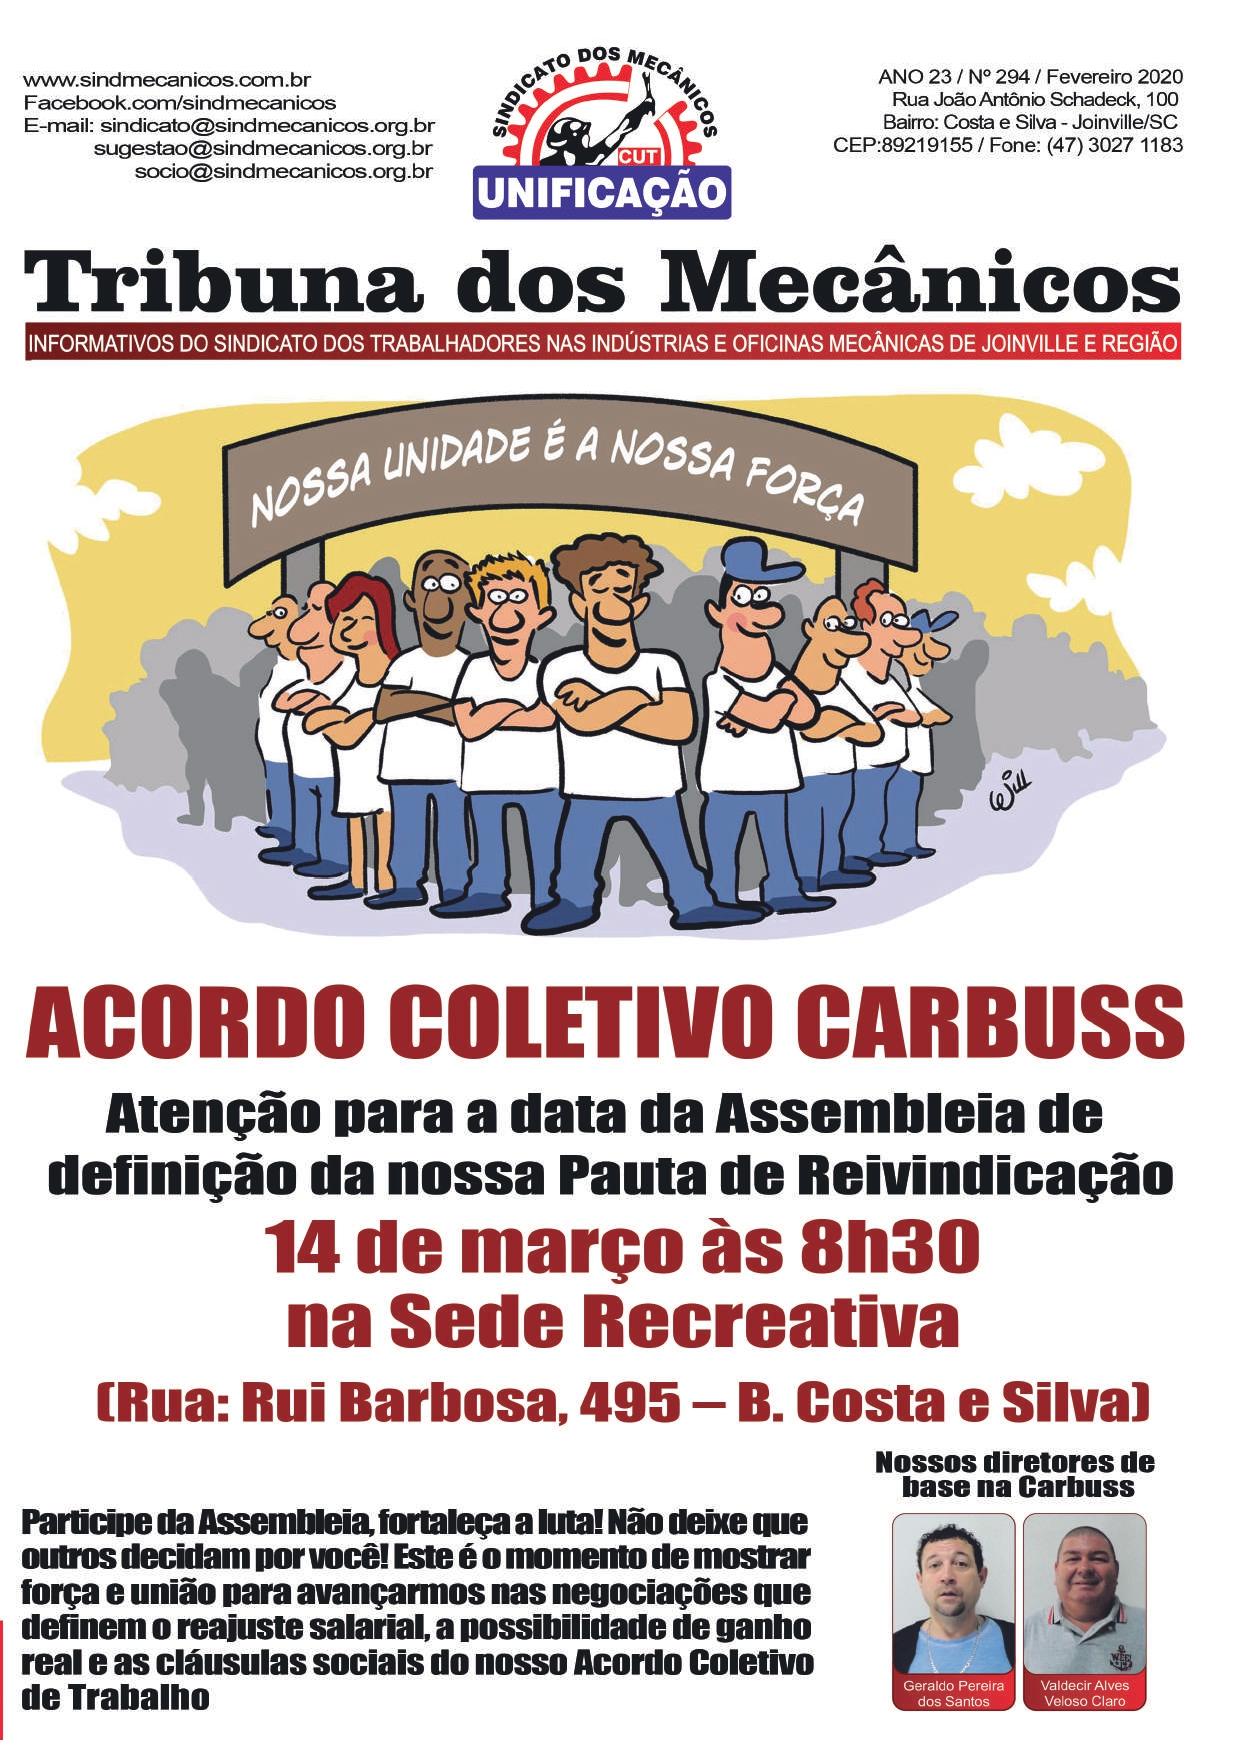 ACORDO COLETIVO CARBUSS